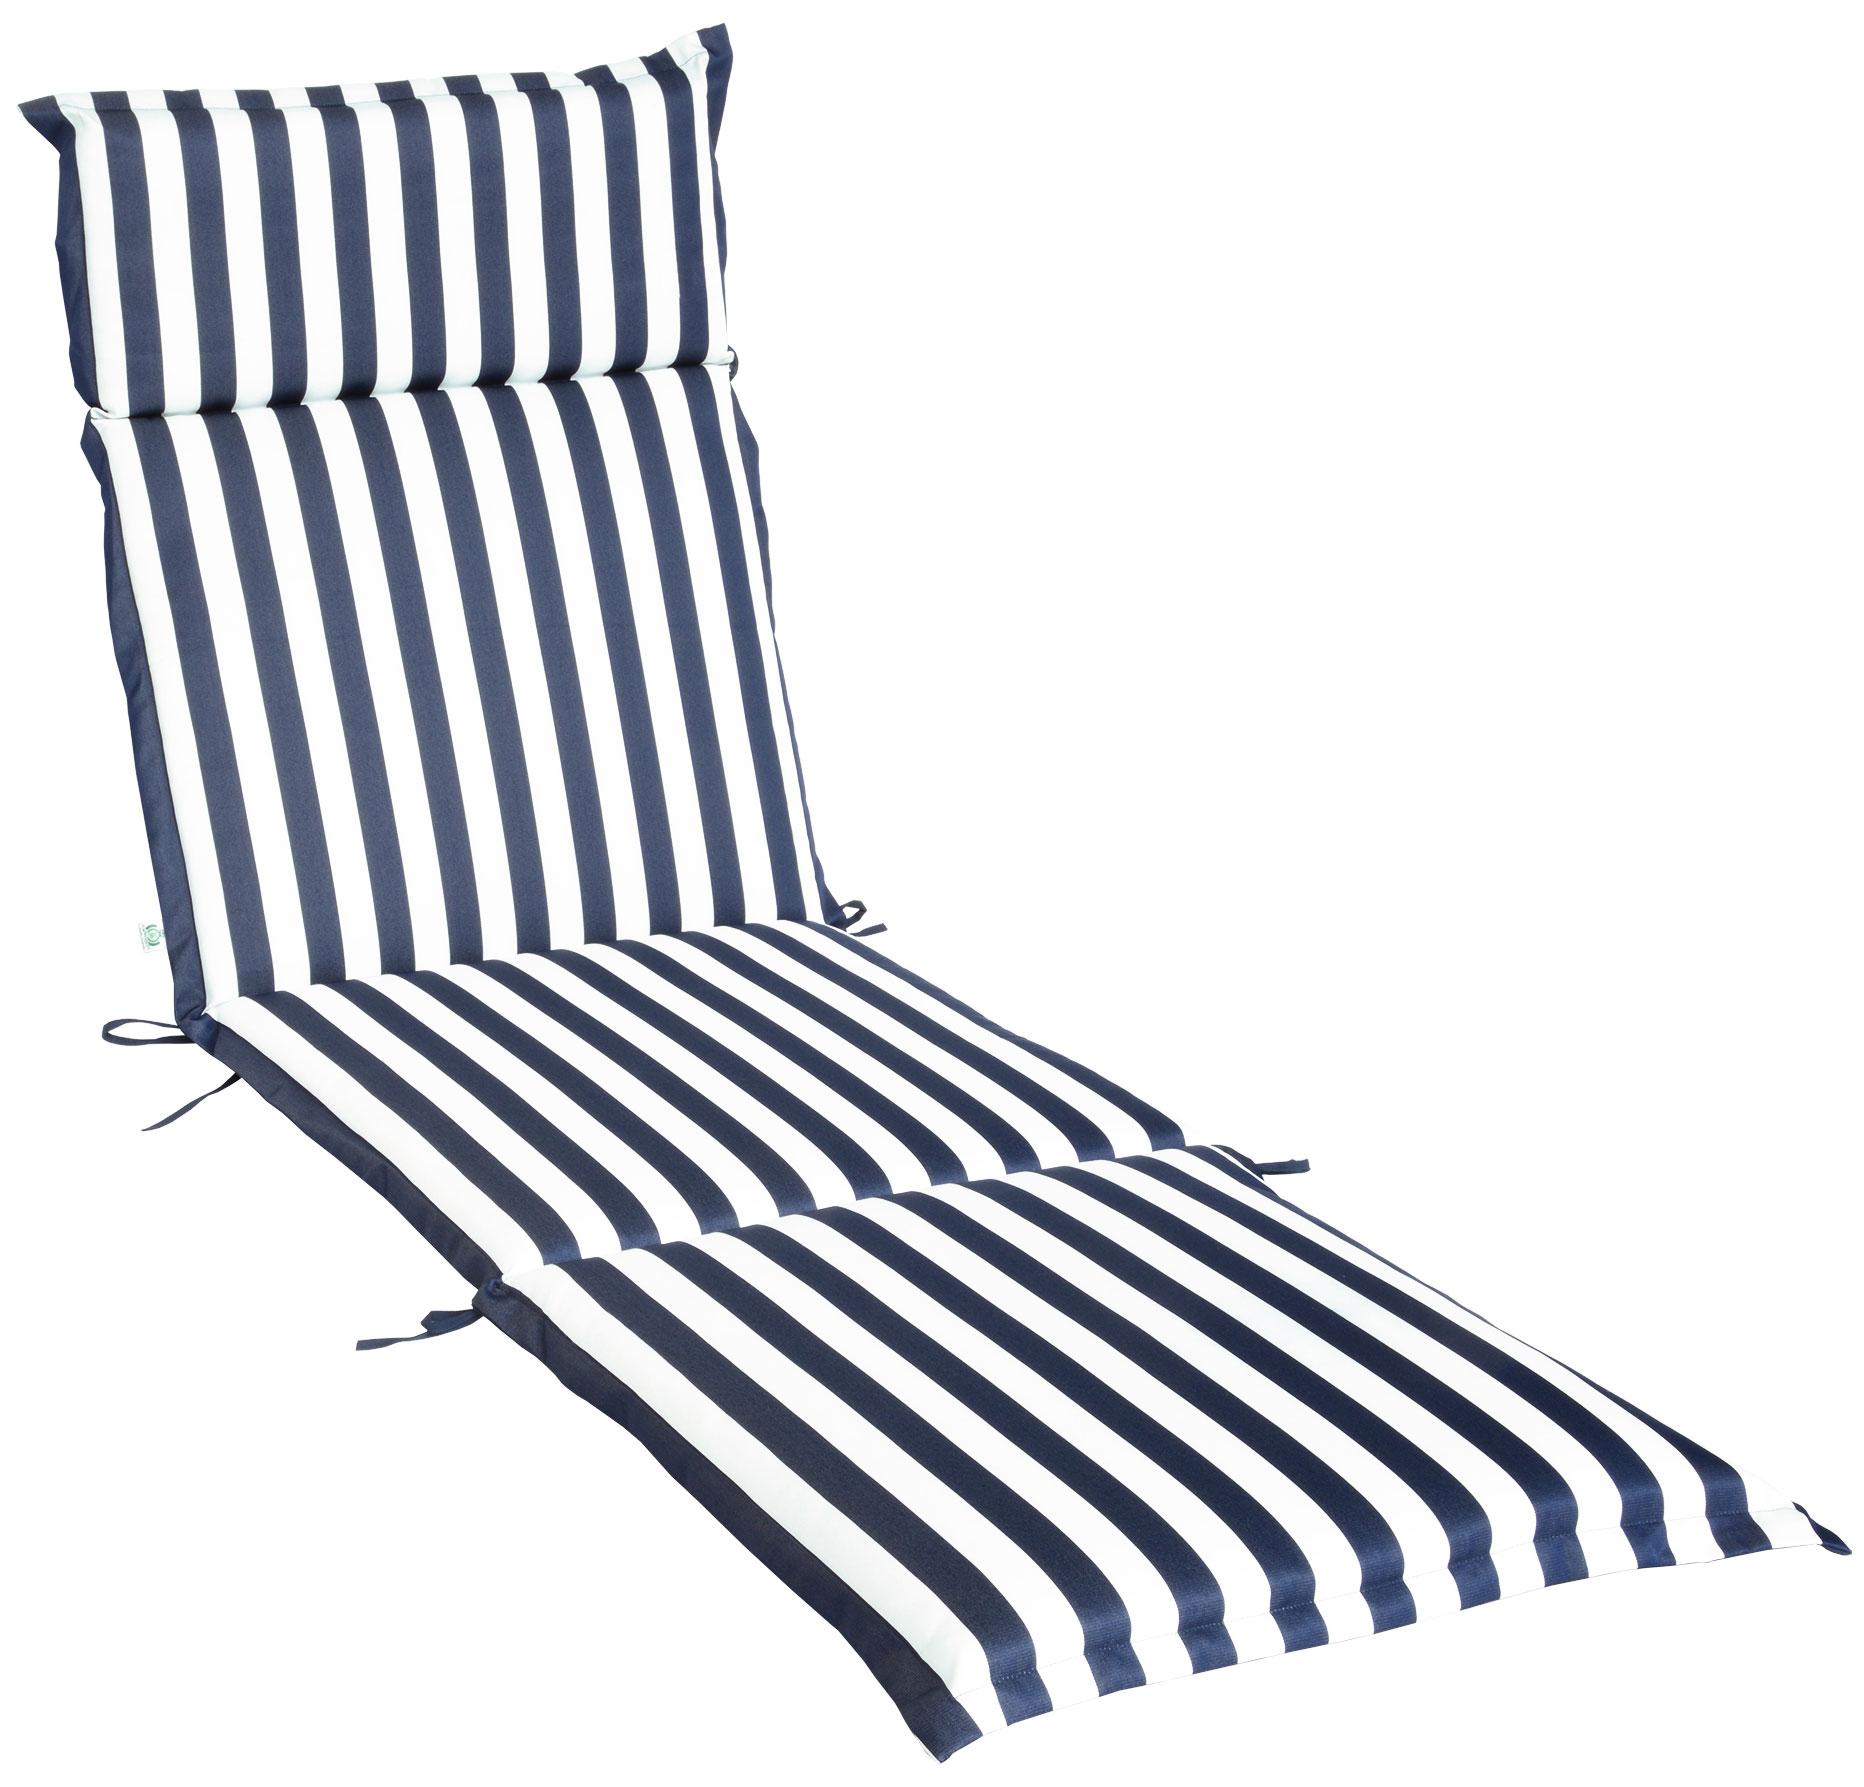 Cuscino per lettino prendisole 196x58 cm con volant ONDA BLU